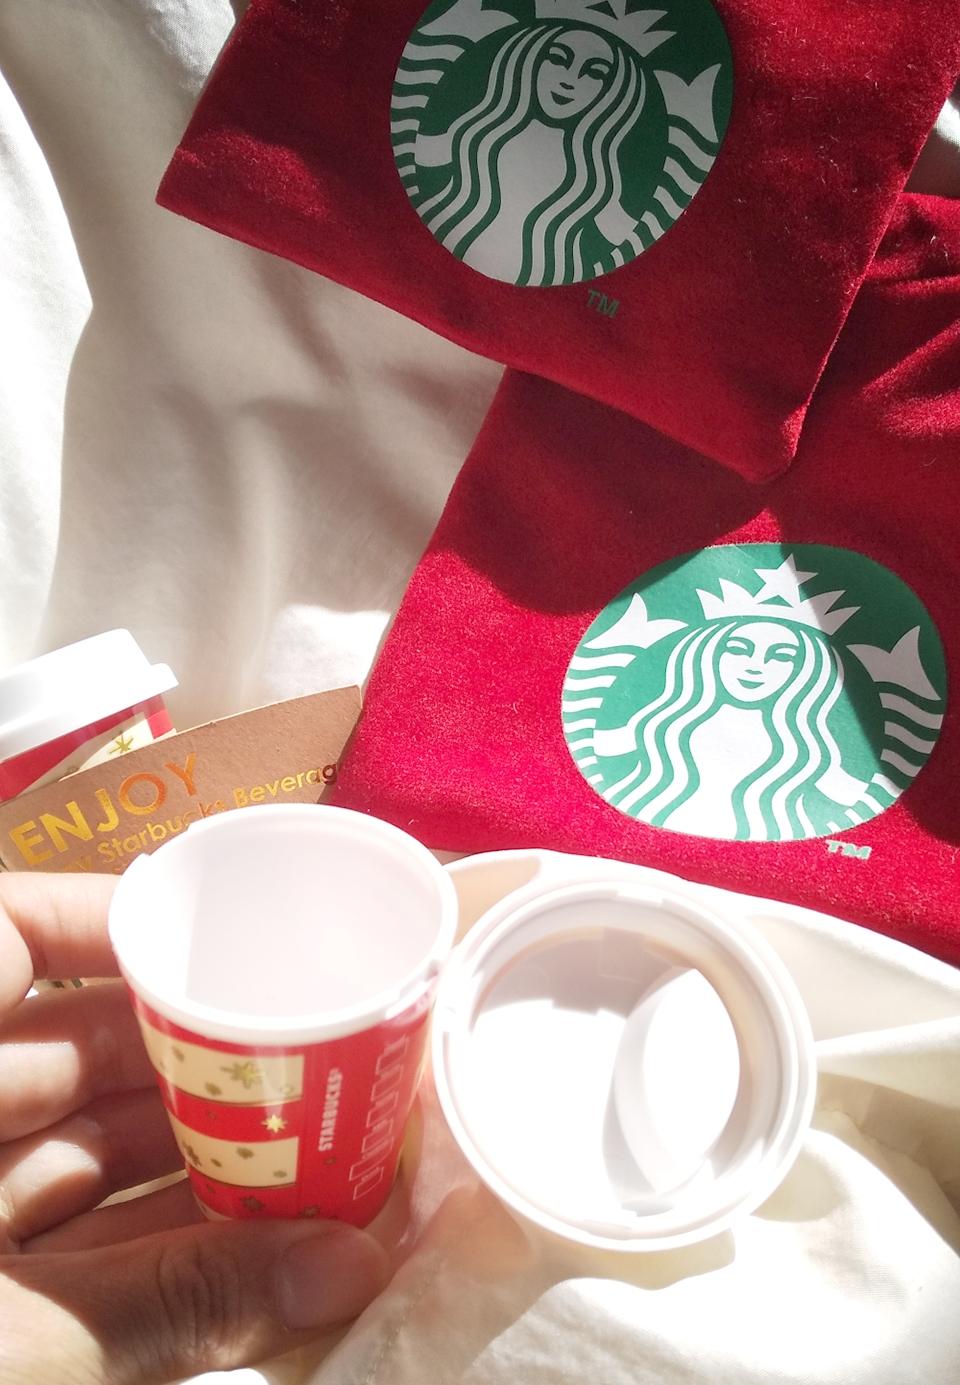 《スタバホリデー2020》早めにGETを!プレゼントしたくなるかわいすぎるミニカップギフト!_3